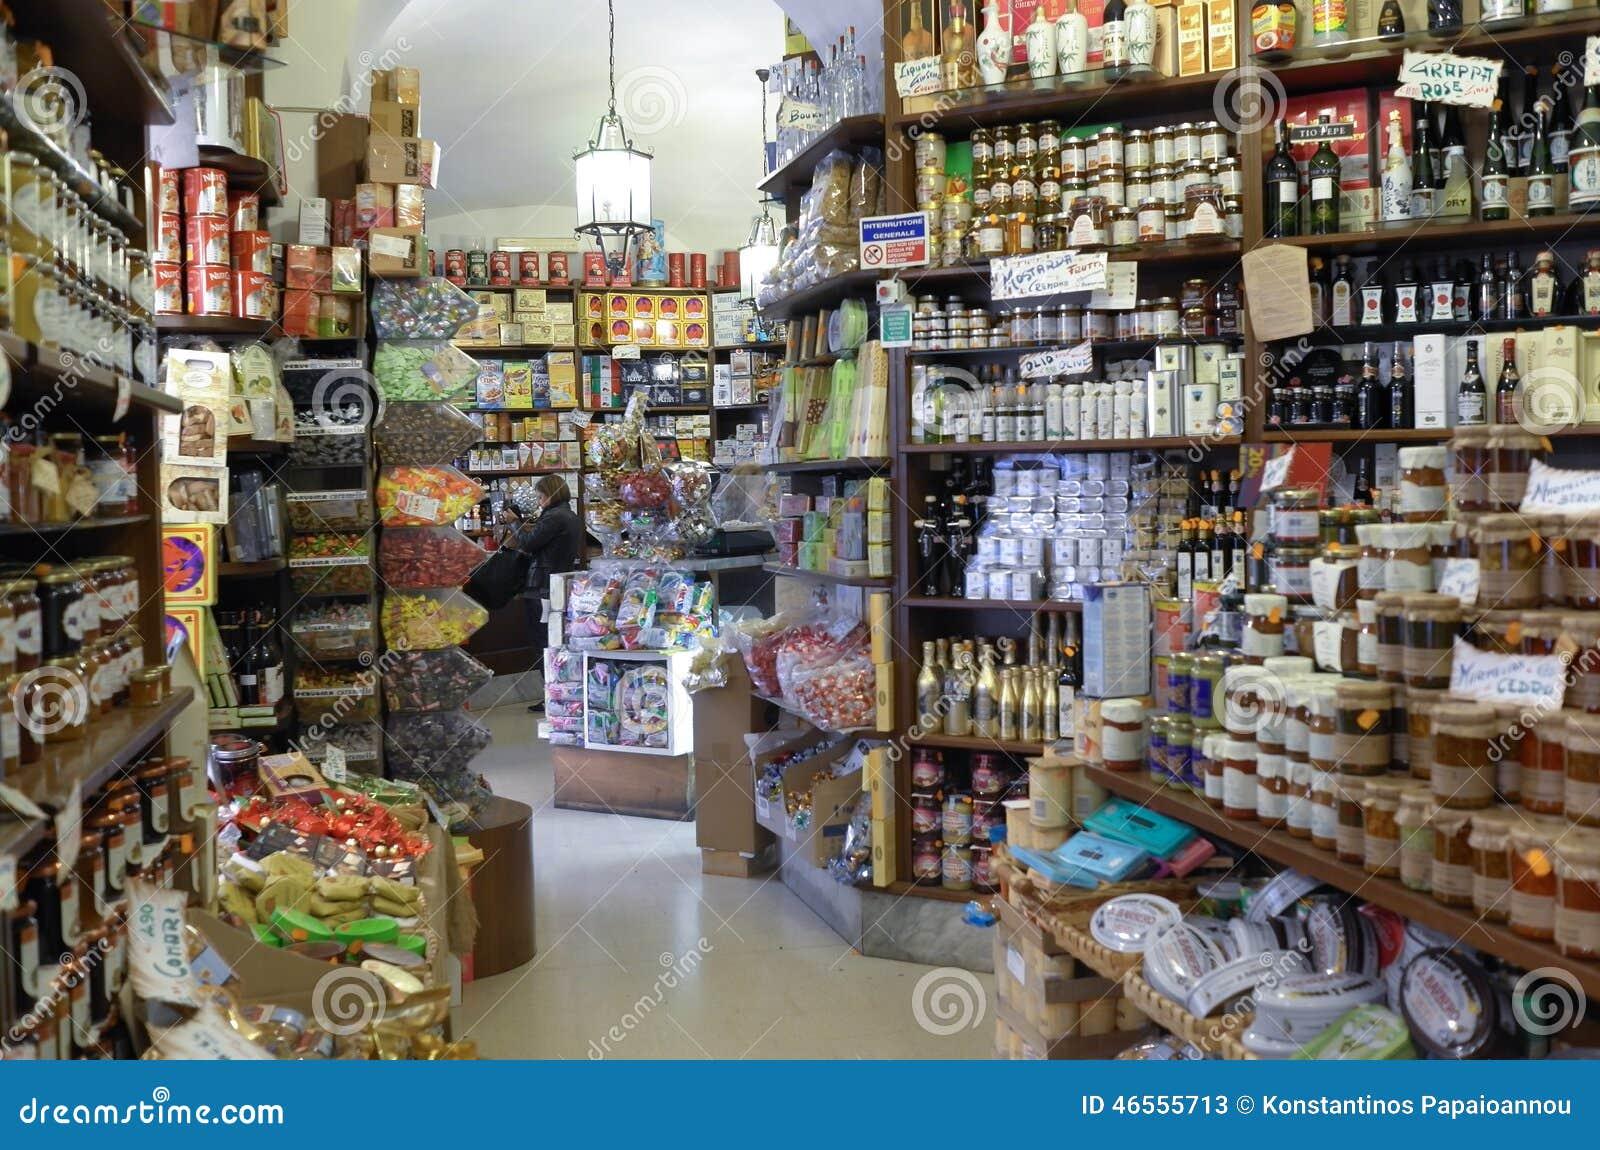 草鱼食品店的内部在罗马面团卖各种各样的这是例如产品,调味汁,一家饮料饵料怎么v草鱼图片